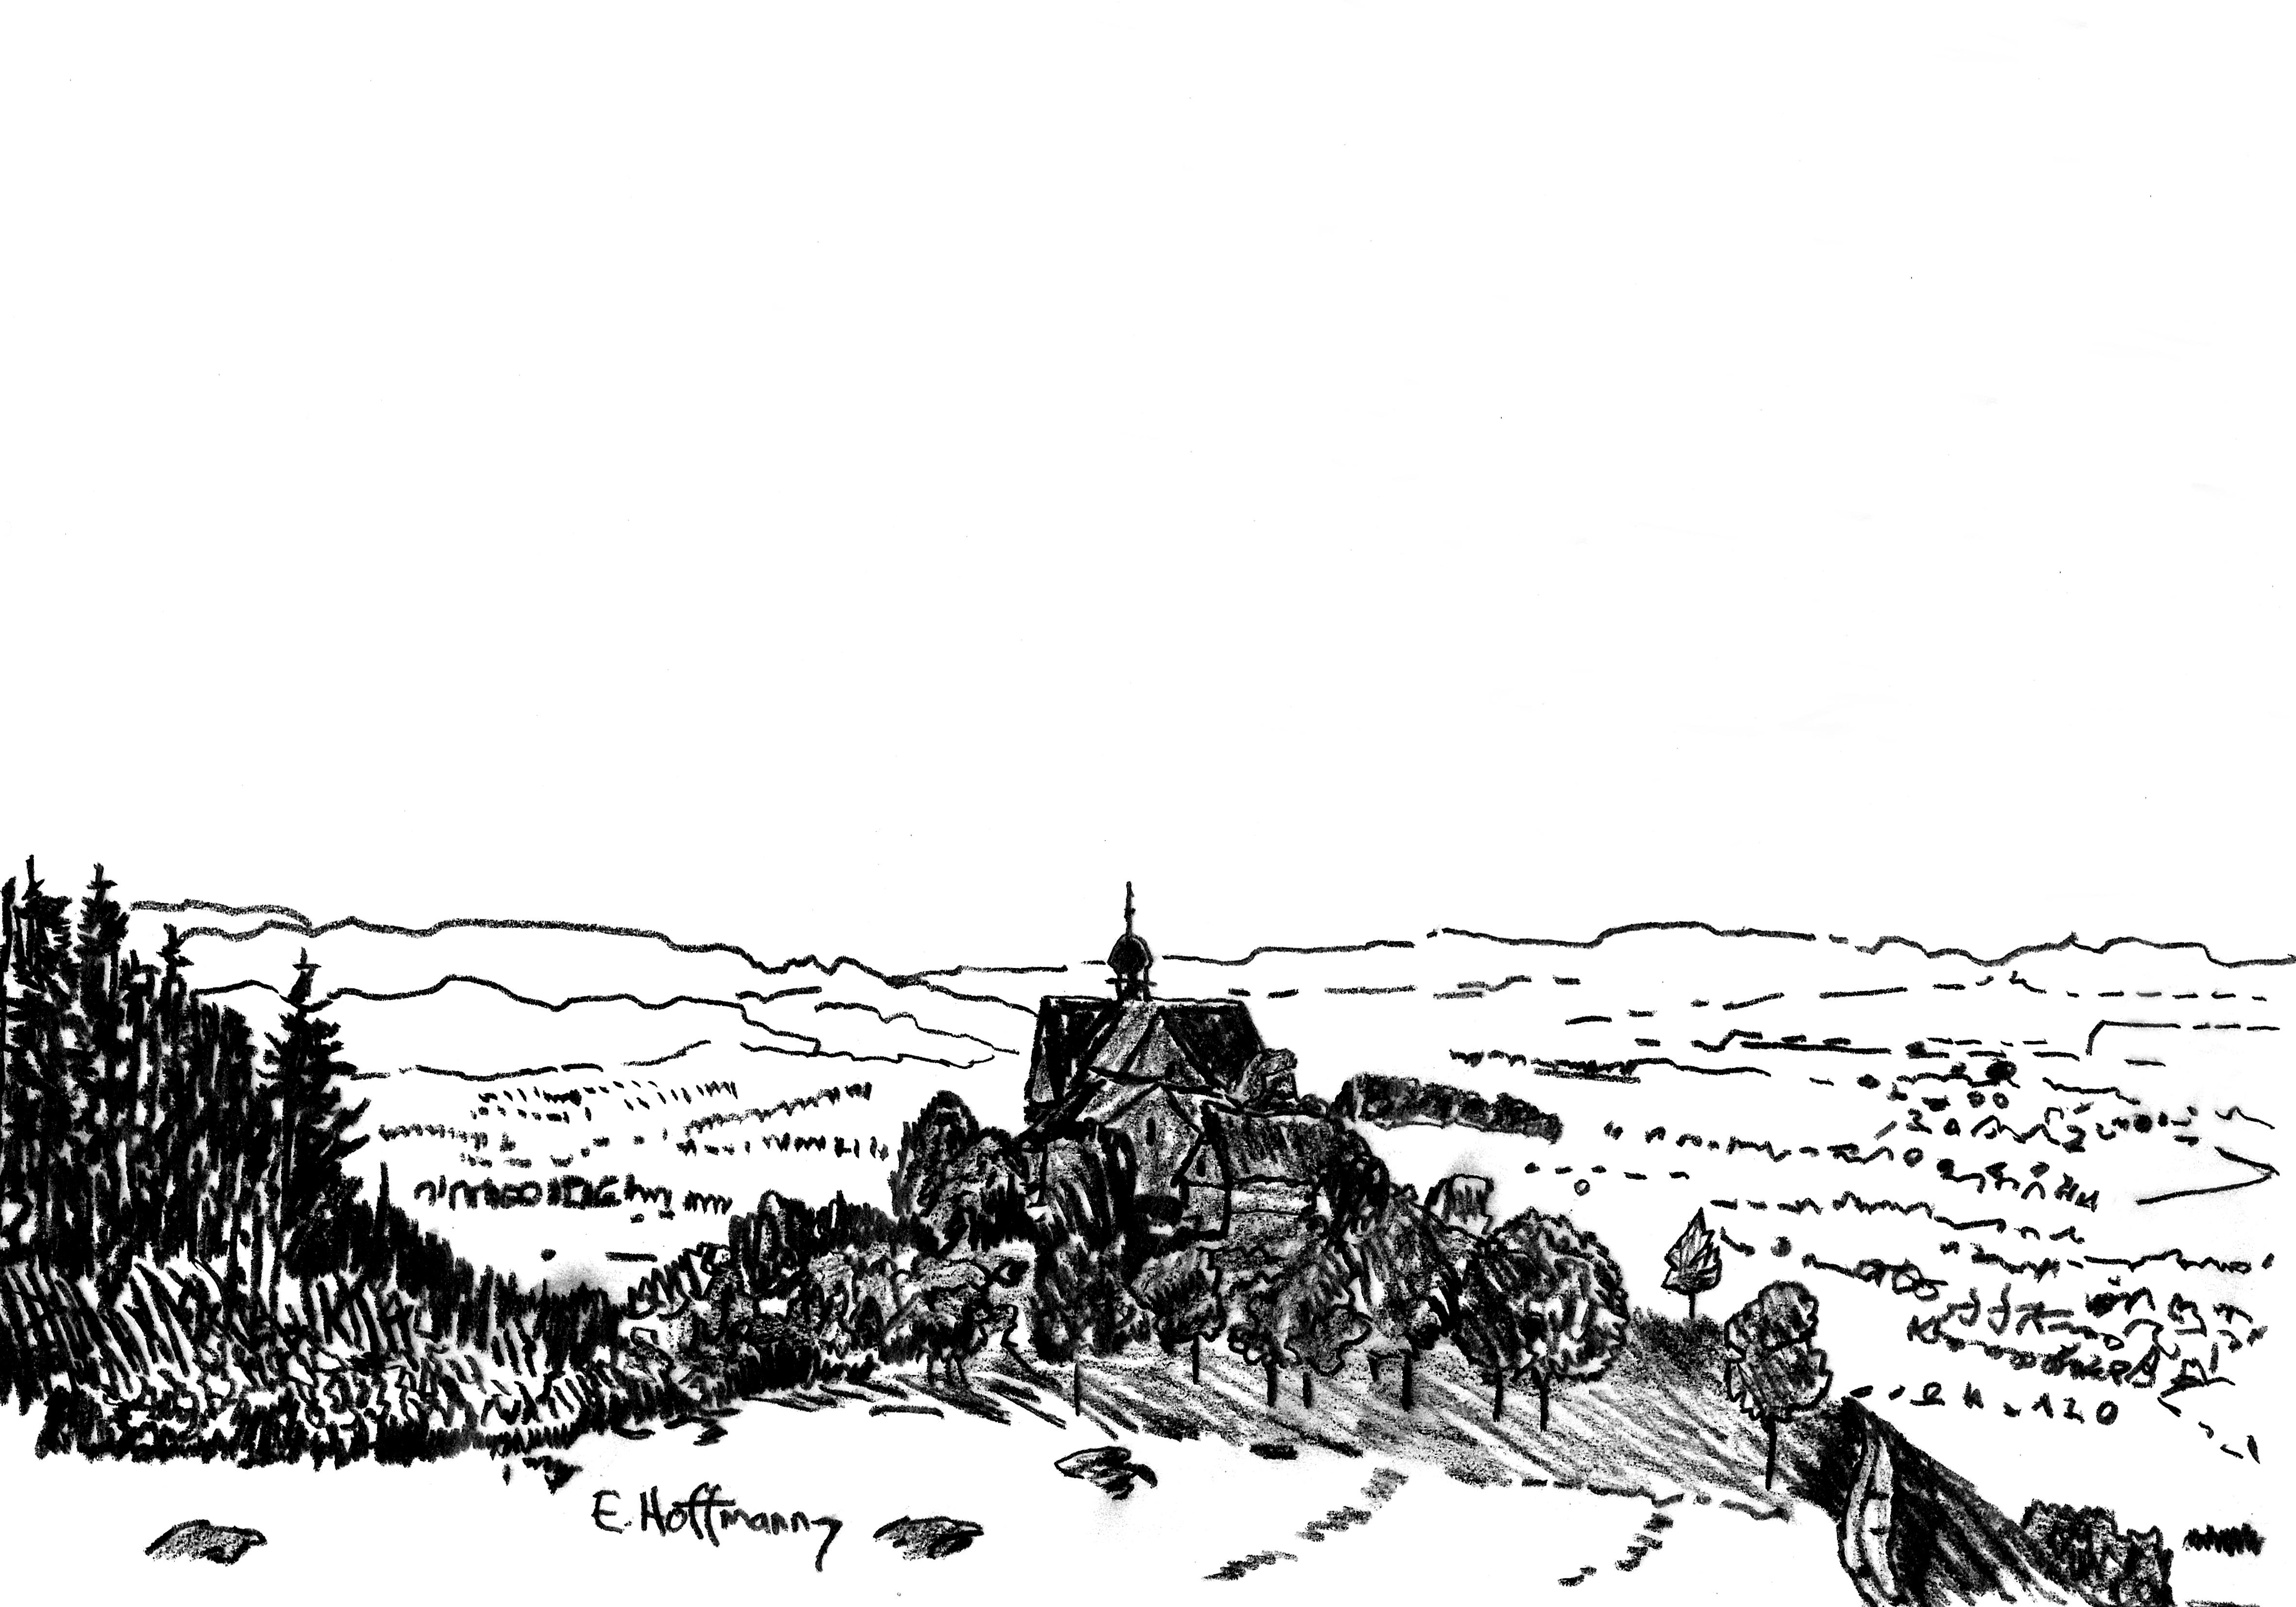 25. Bir dağın yamacında - Eylül42